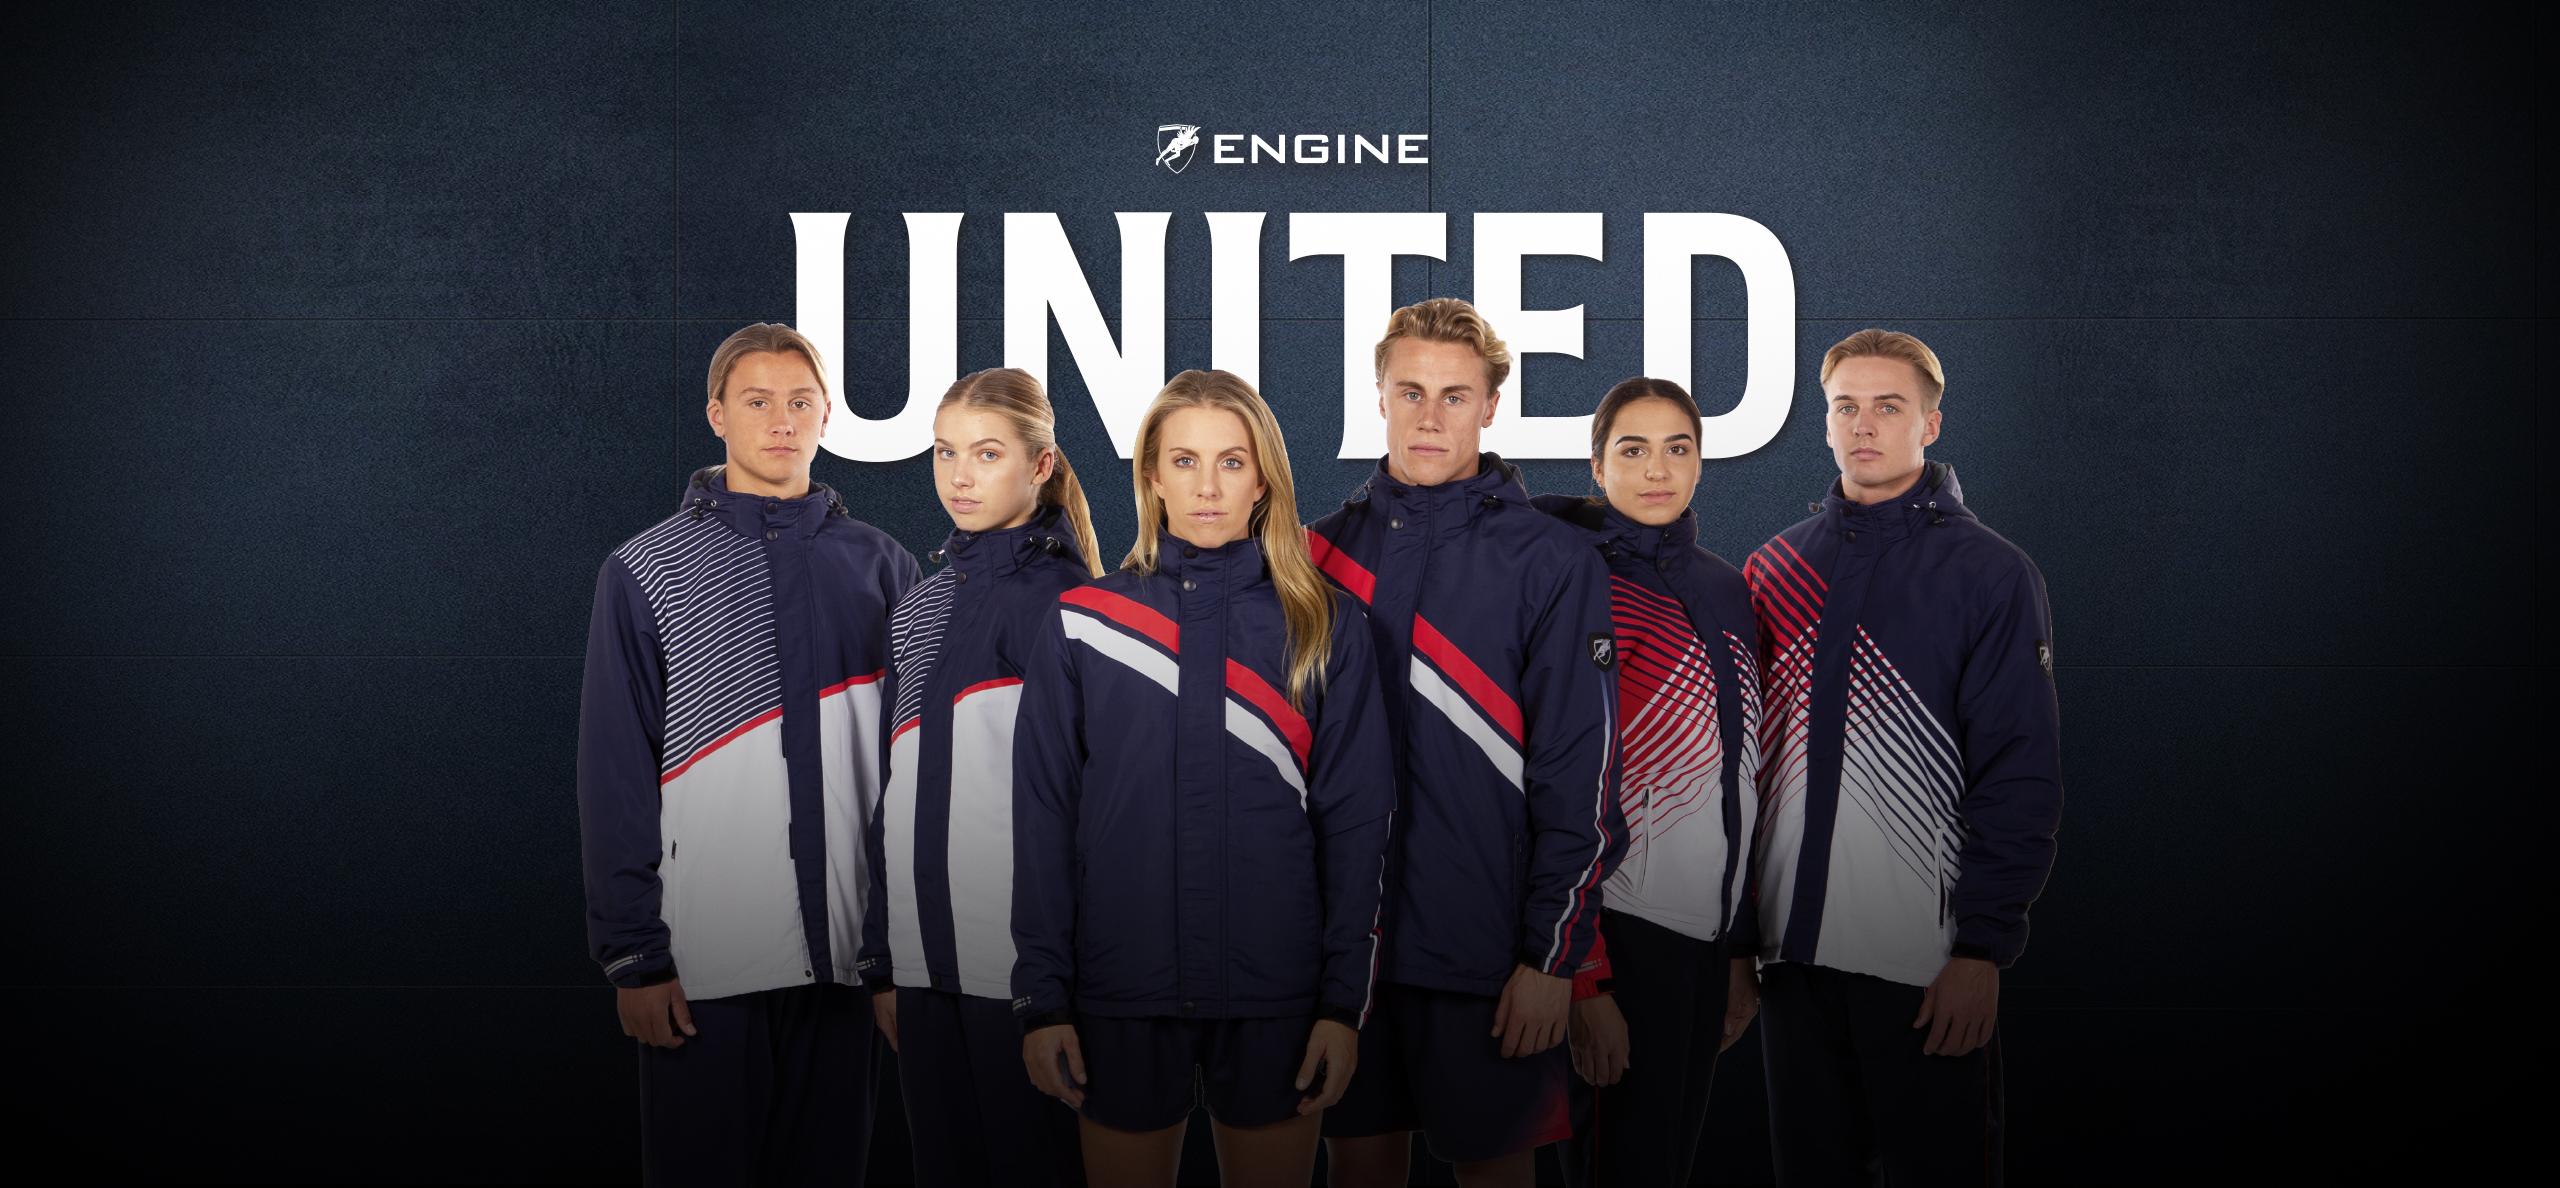 united-teamwear-banner-image-v2.jpg